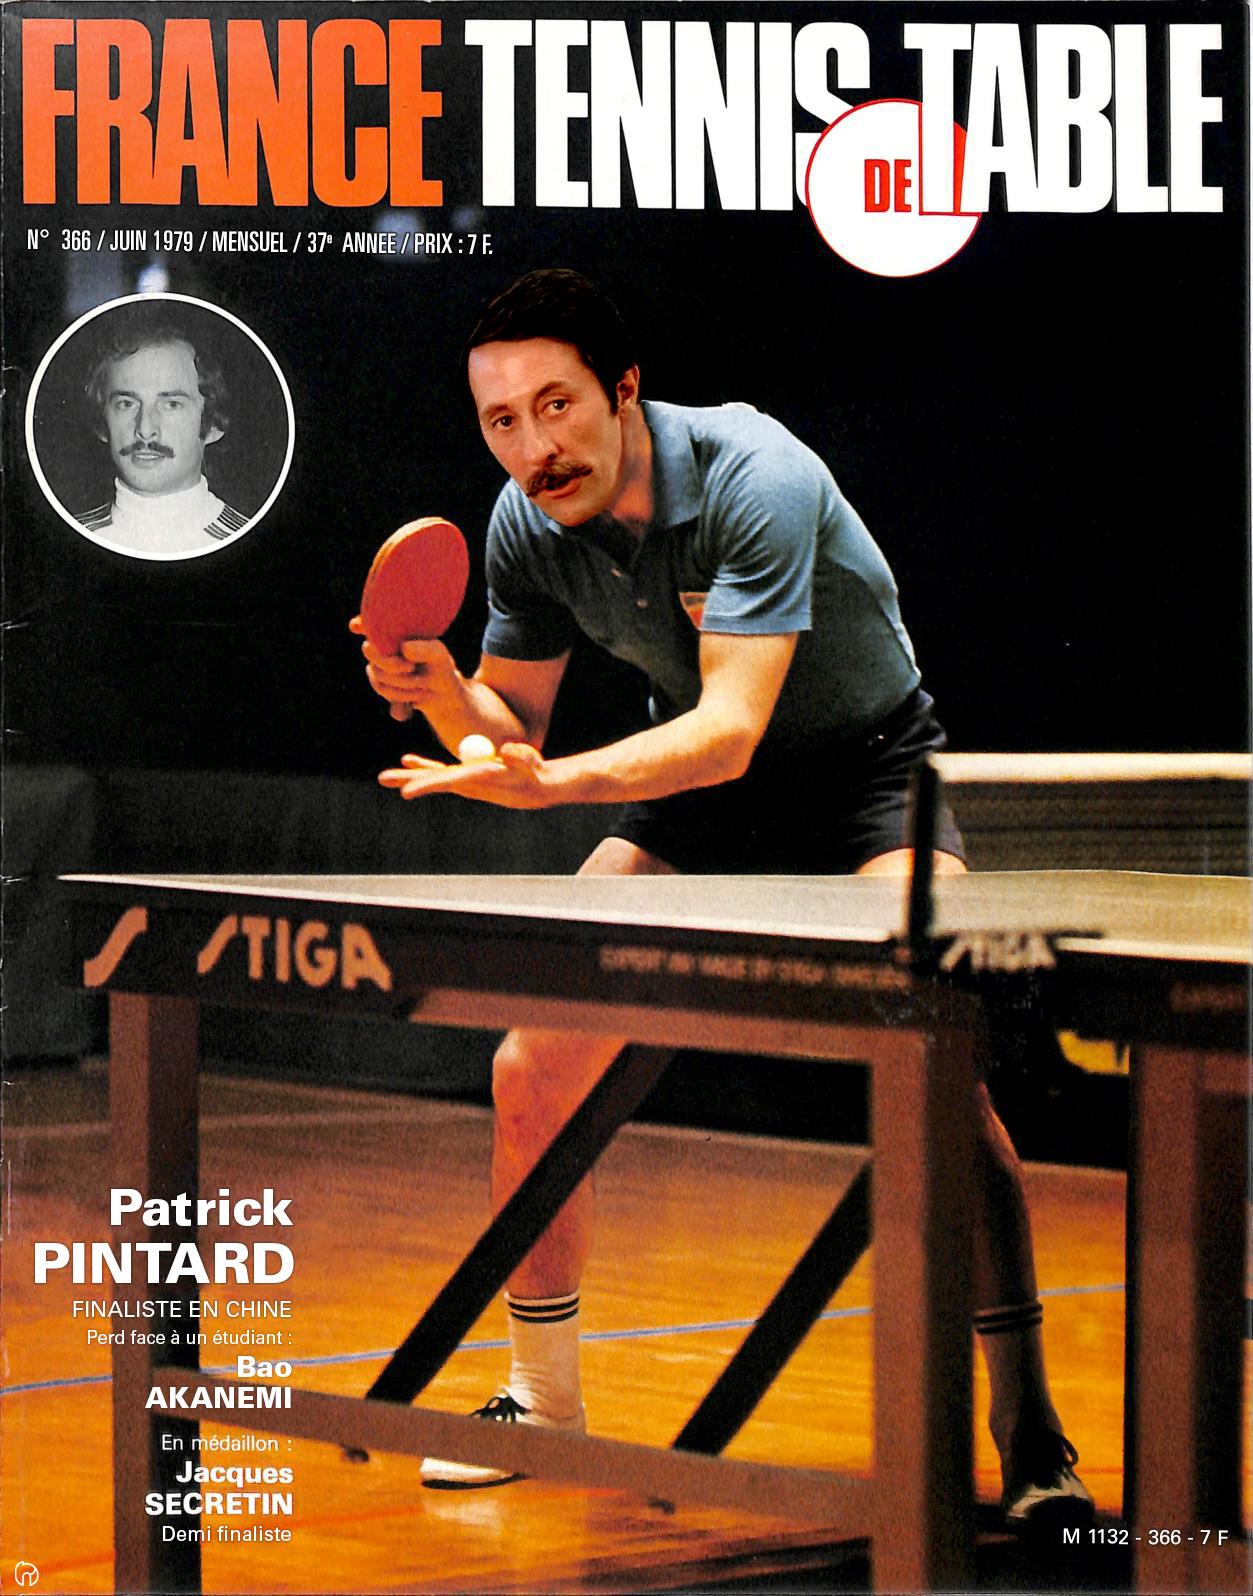 Patrick Pintard en couverture de France Tennis de Table pour game of roles 1979